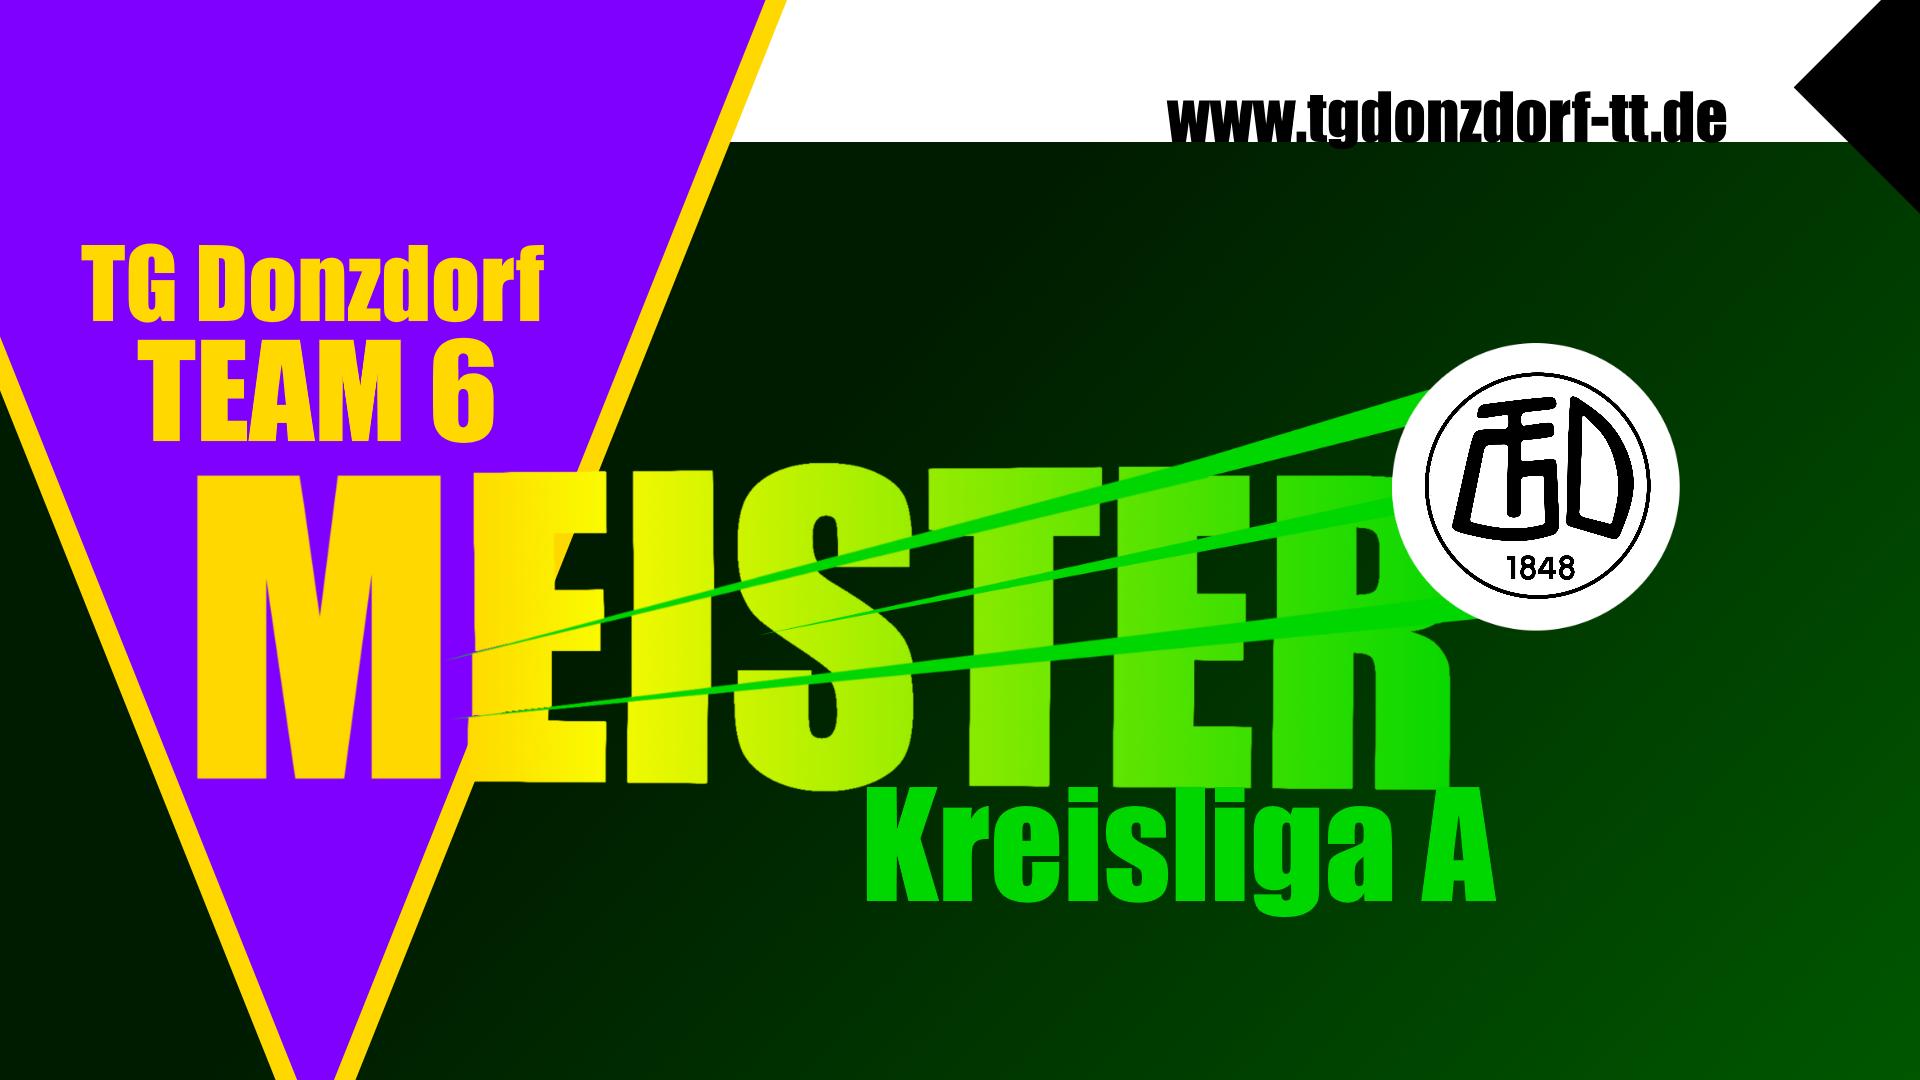 meister_team 6